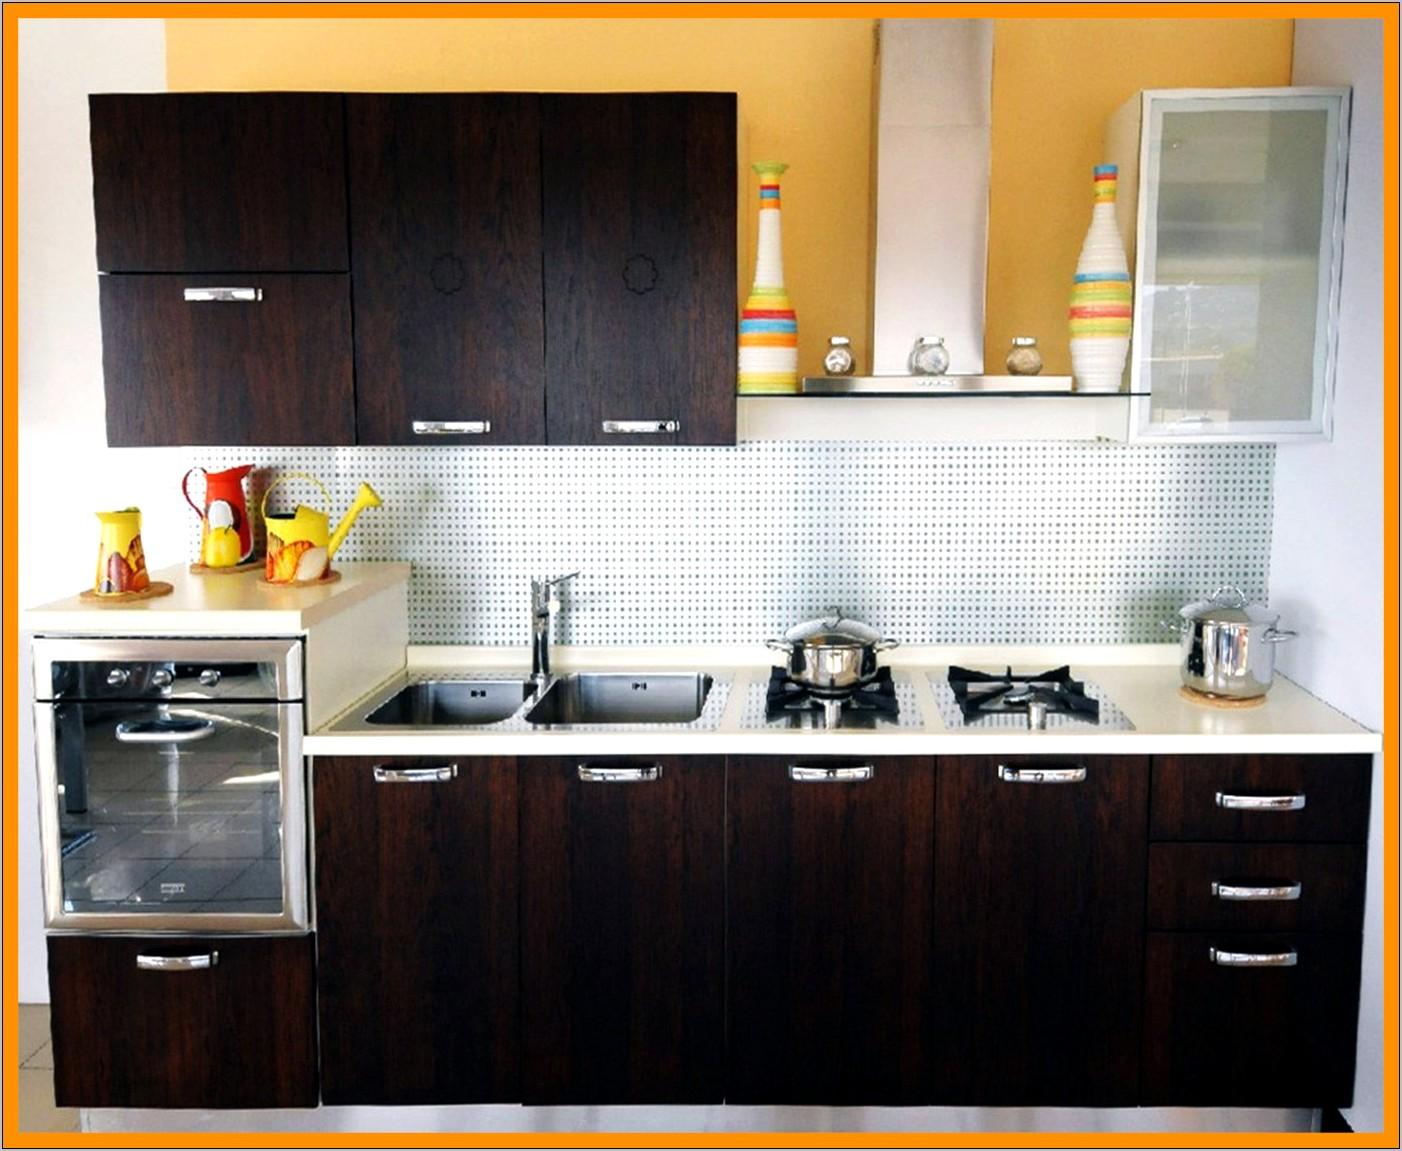 Basic Kitchen Decorating Ideas